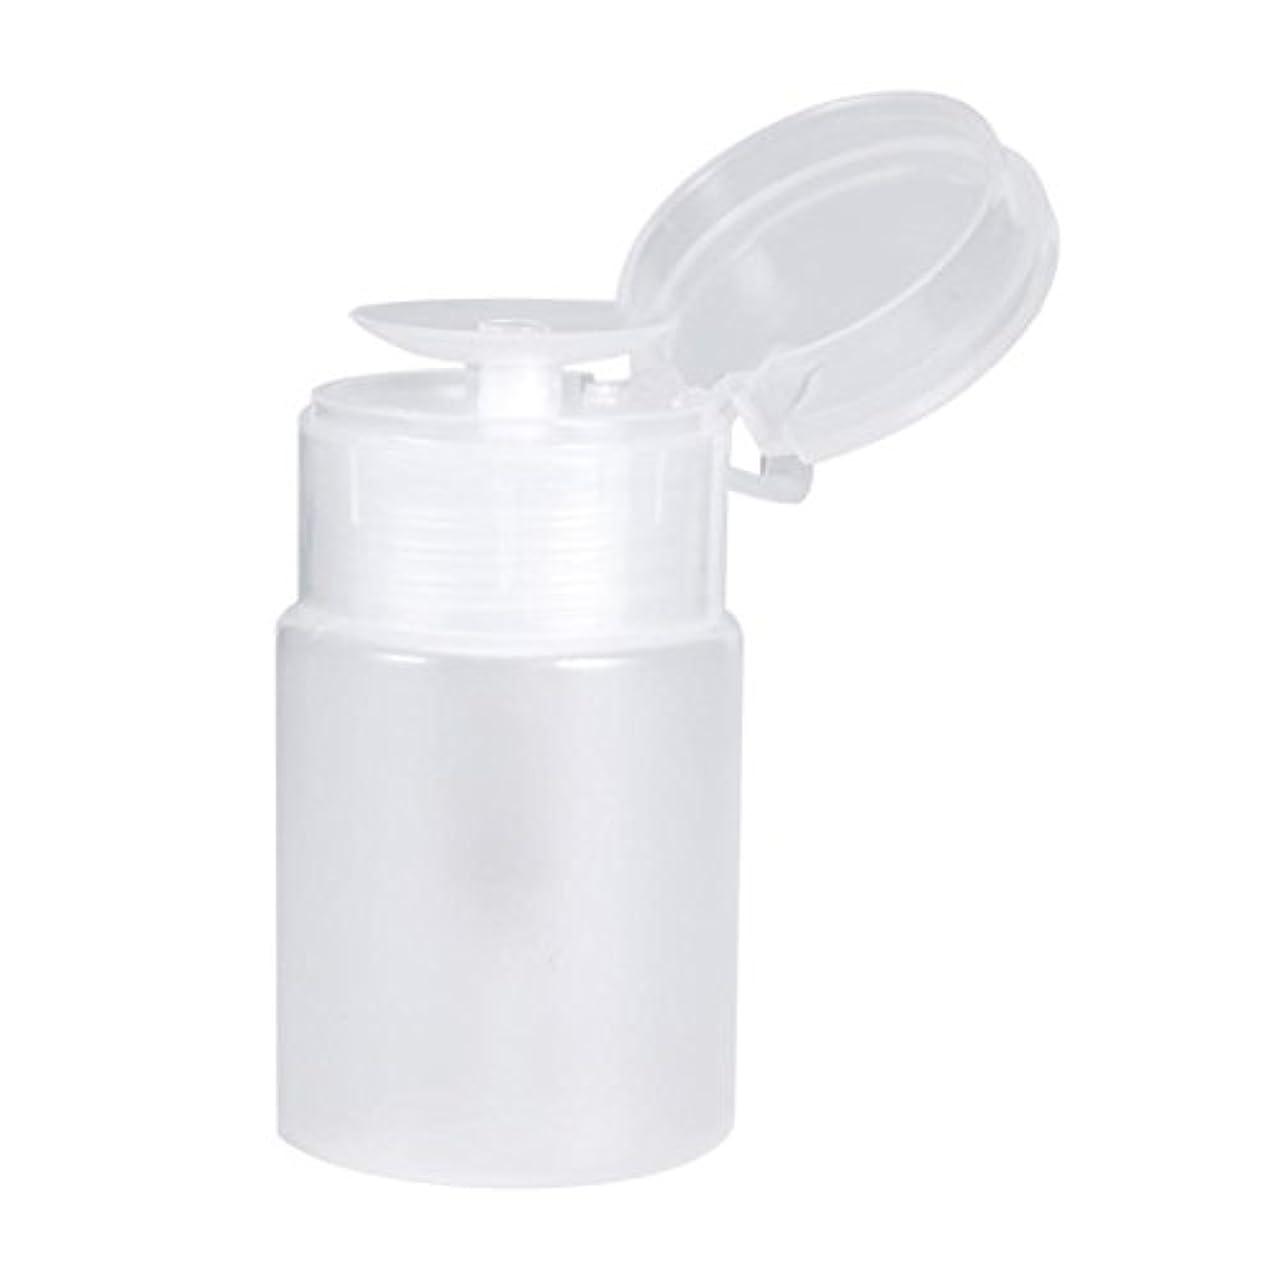 カリキュラム爆発同情的ネイルディスペンサーボトル、プッシュダウンディスペンサーネイルポリッシュリムーバーポンプ空のボトルディスペンサー液体ボトル容器60ミリリットル(白)